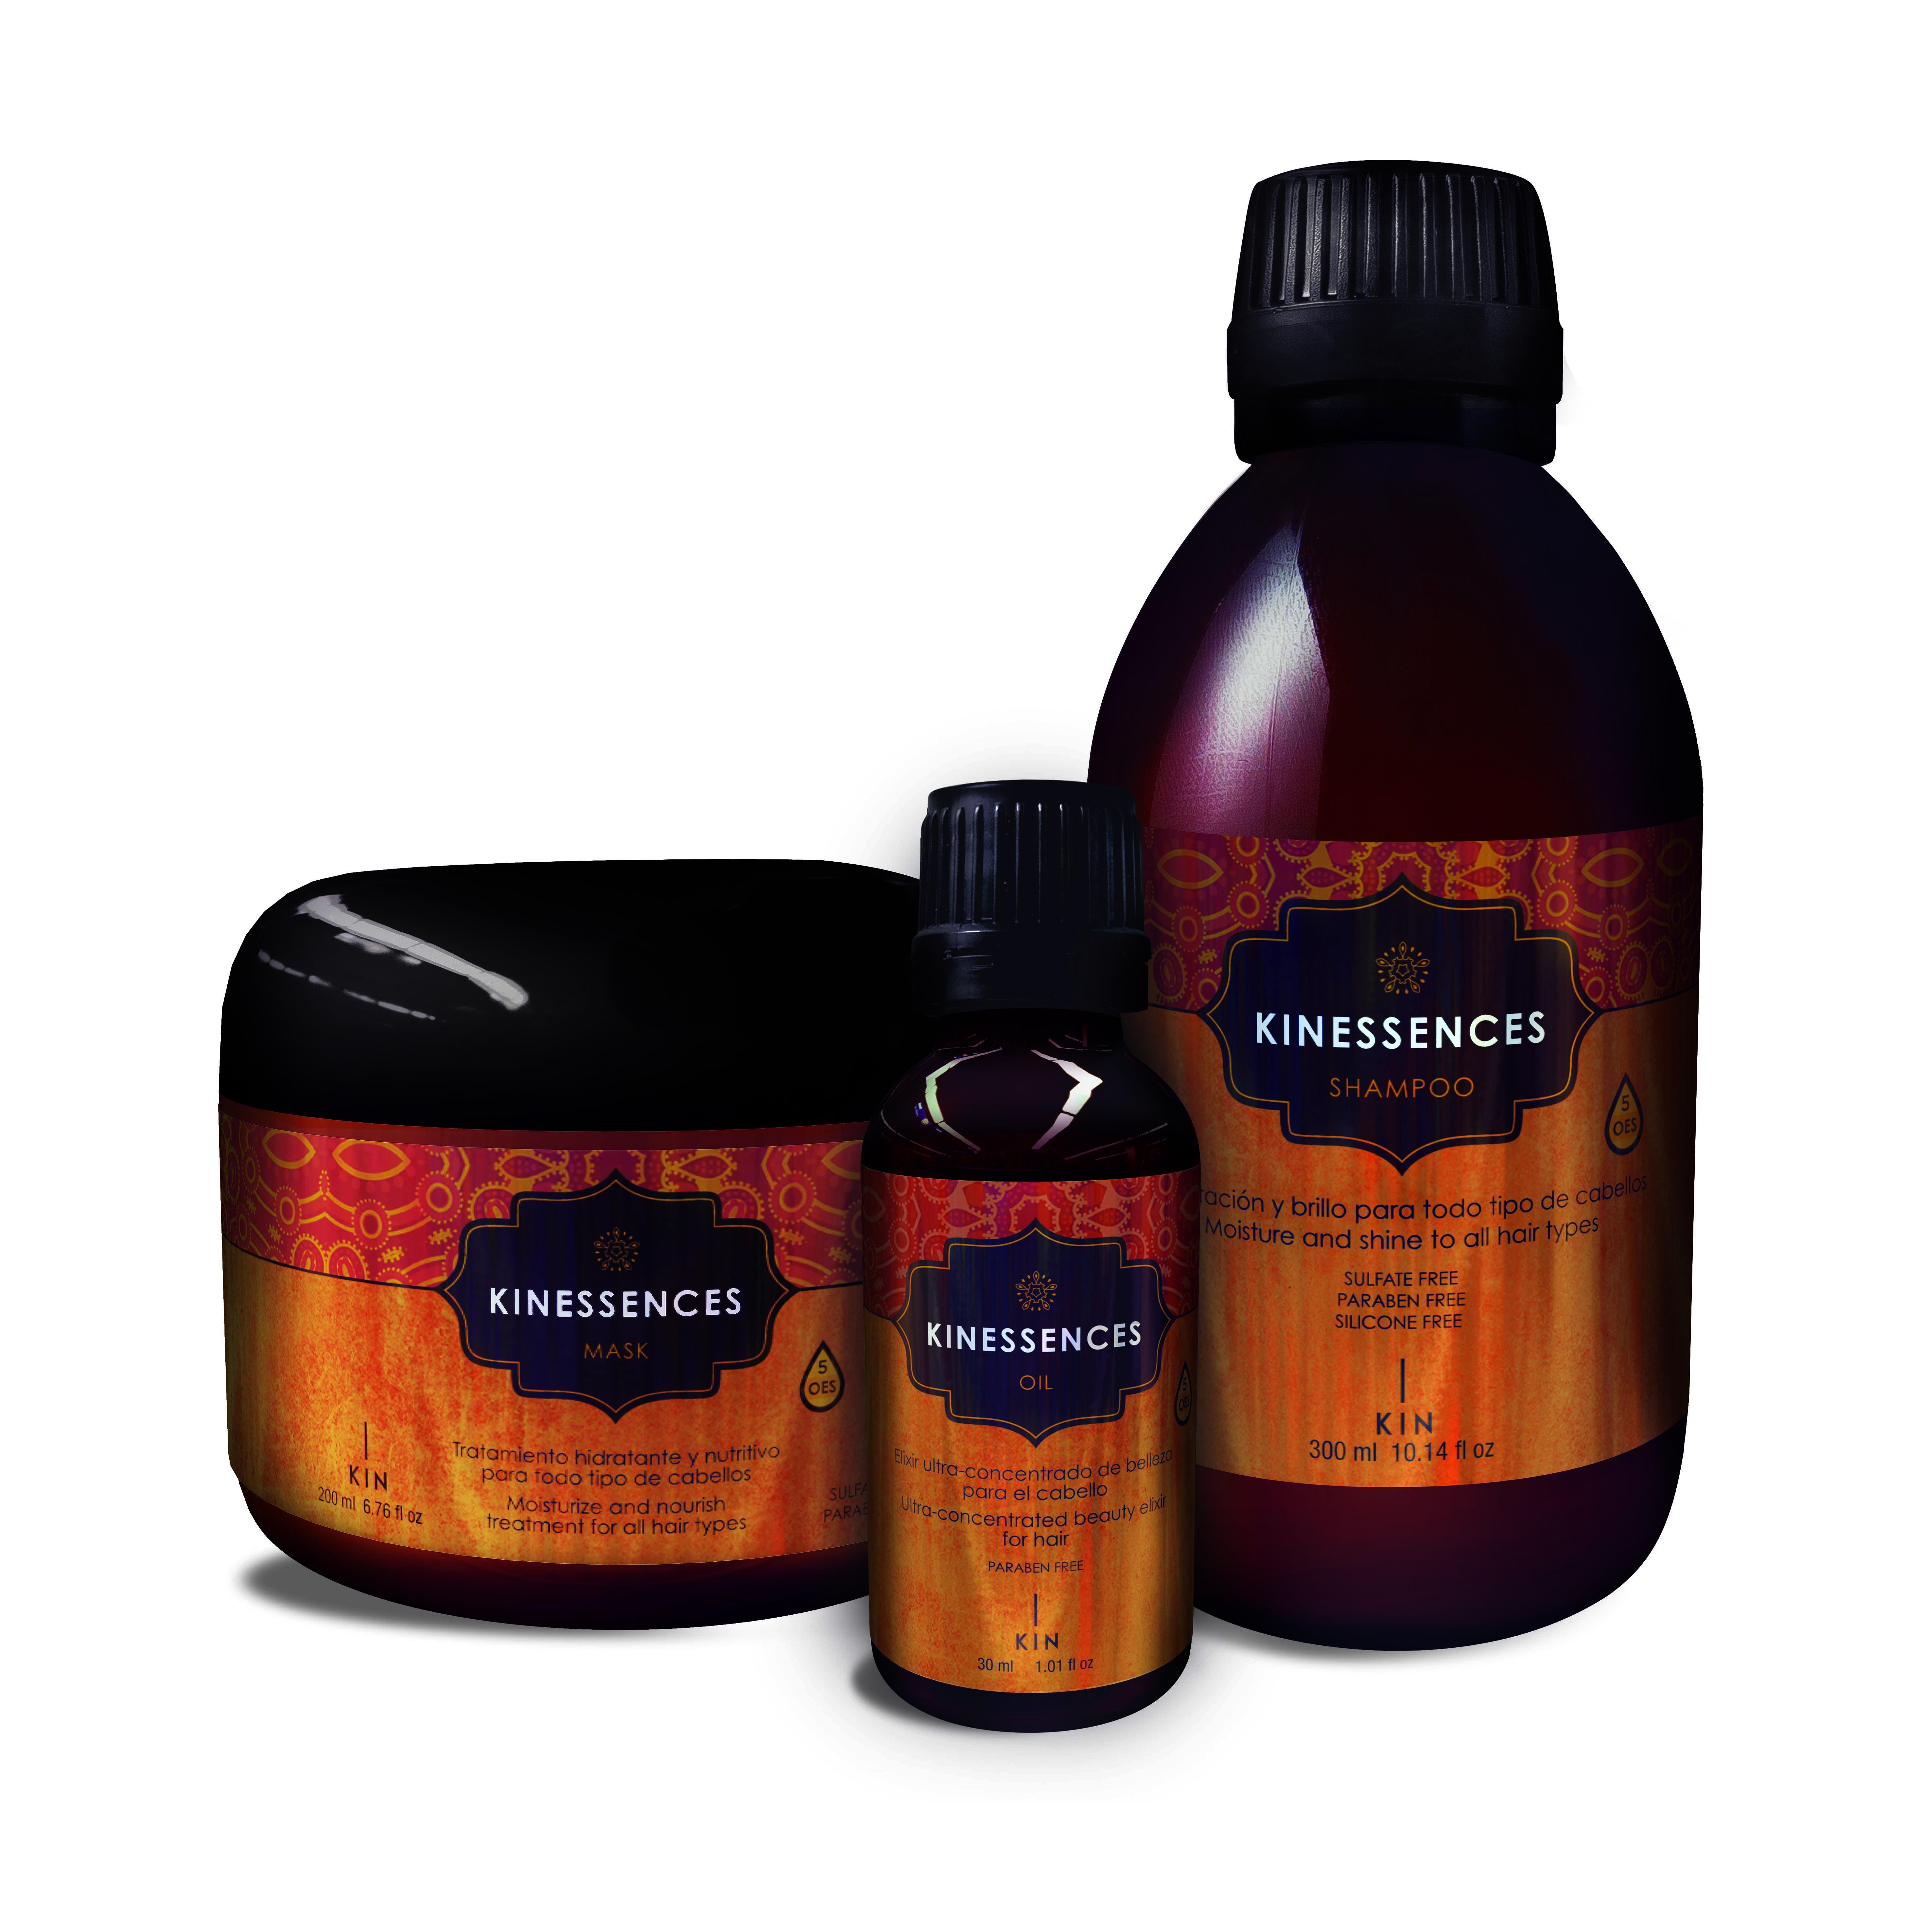 Que vitaminas se puede beberse que no caigan los cabellos